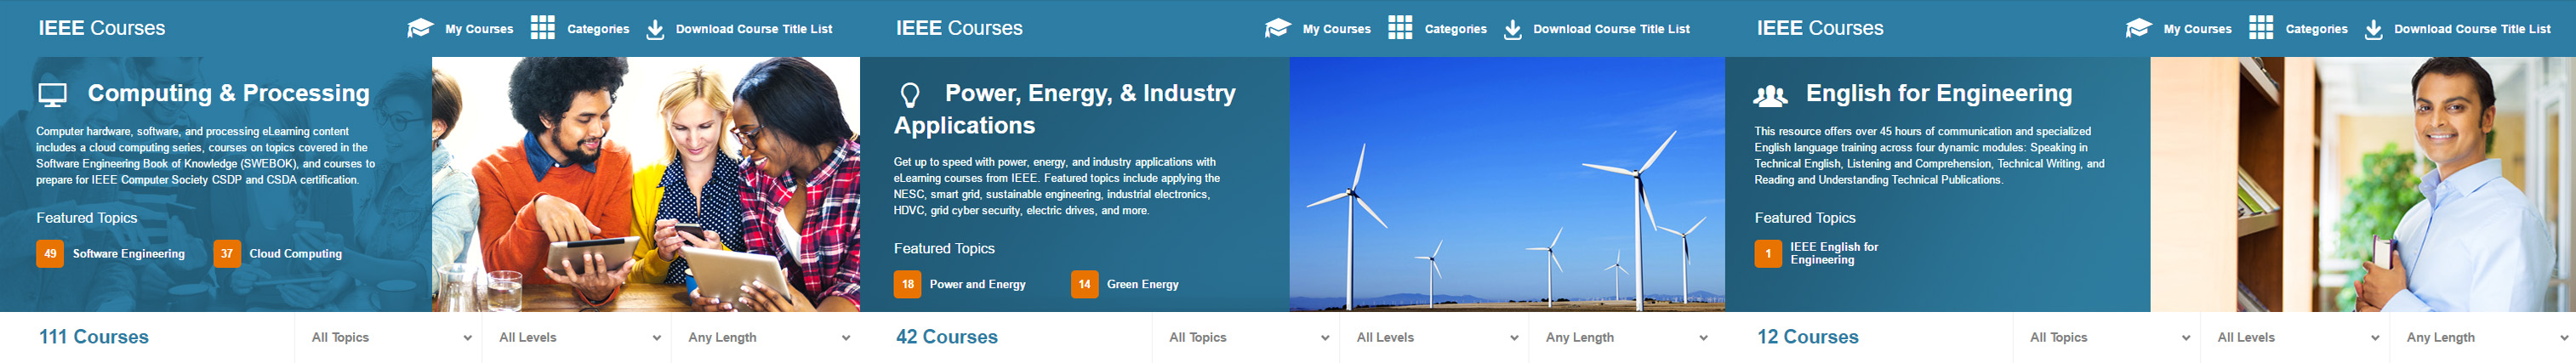 IEEE Courses